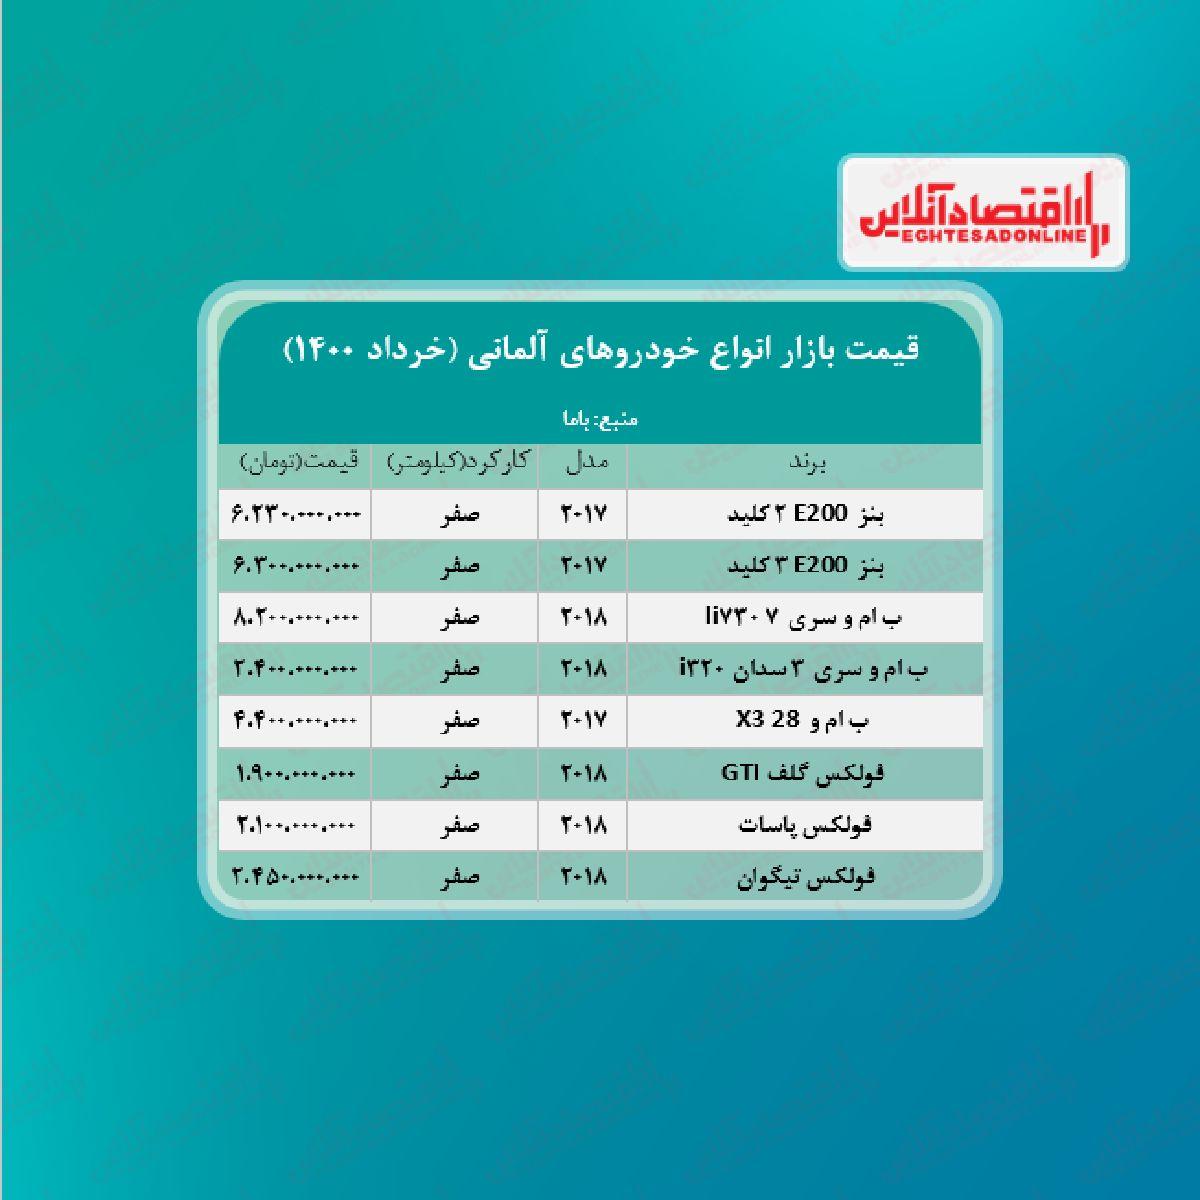 قیمت جدید خودروهای آلمانی در تهران + جدول